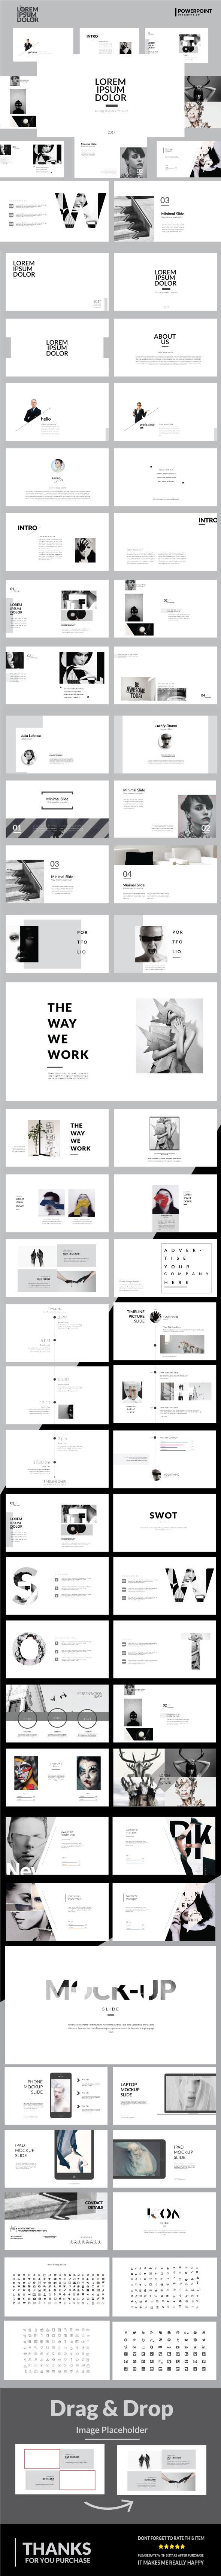 Lorem Ipsum Dolor - Multipurpose Powerpoint Template